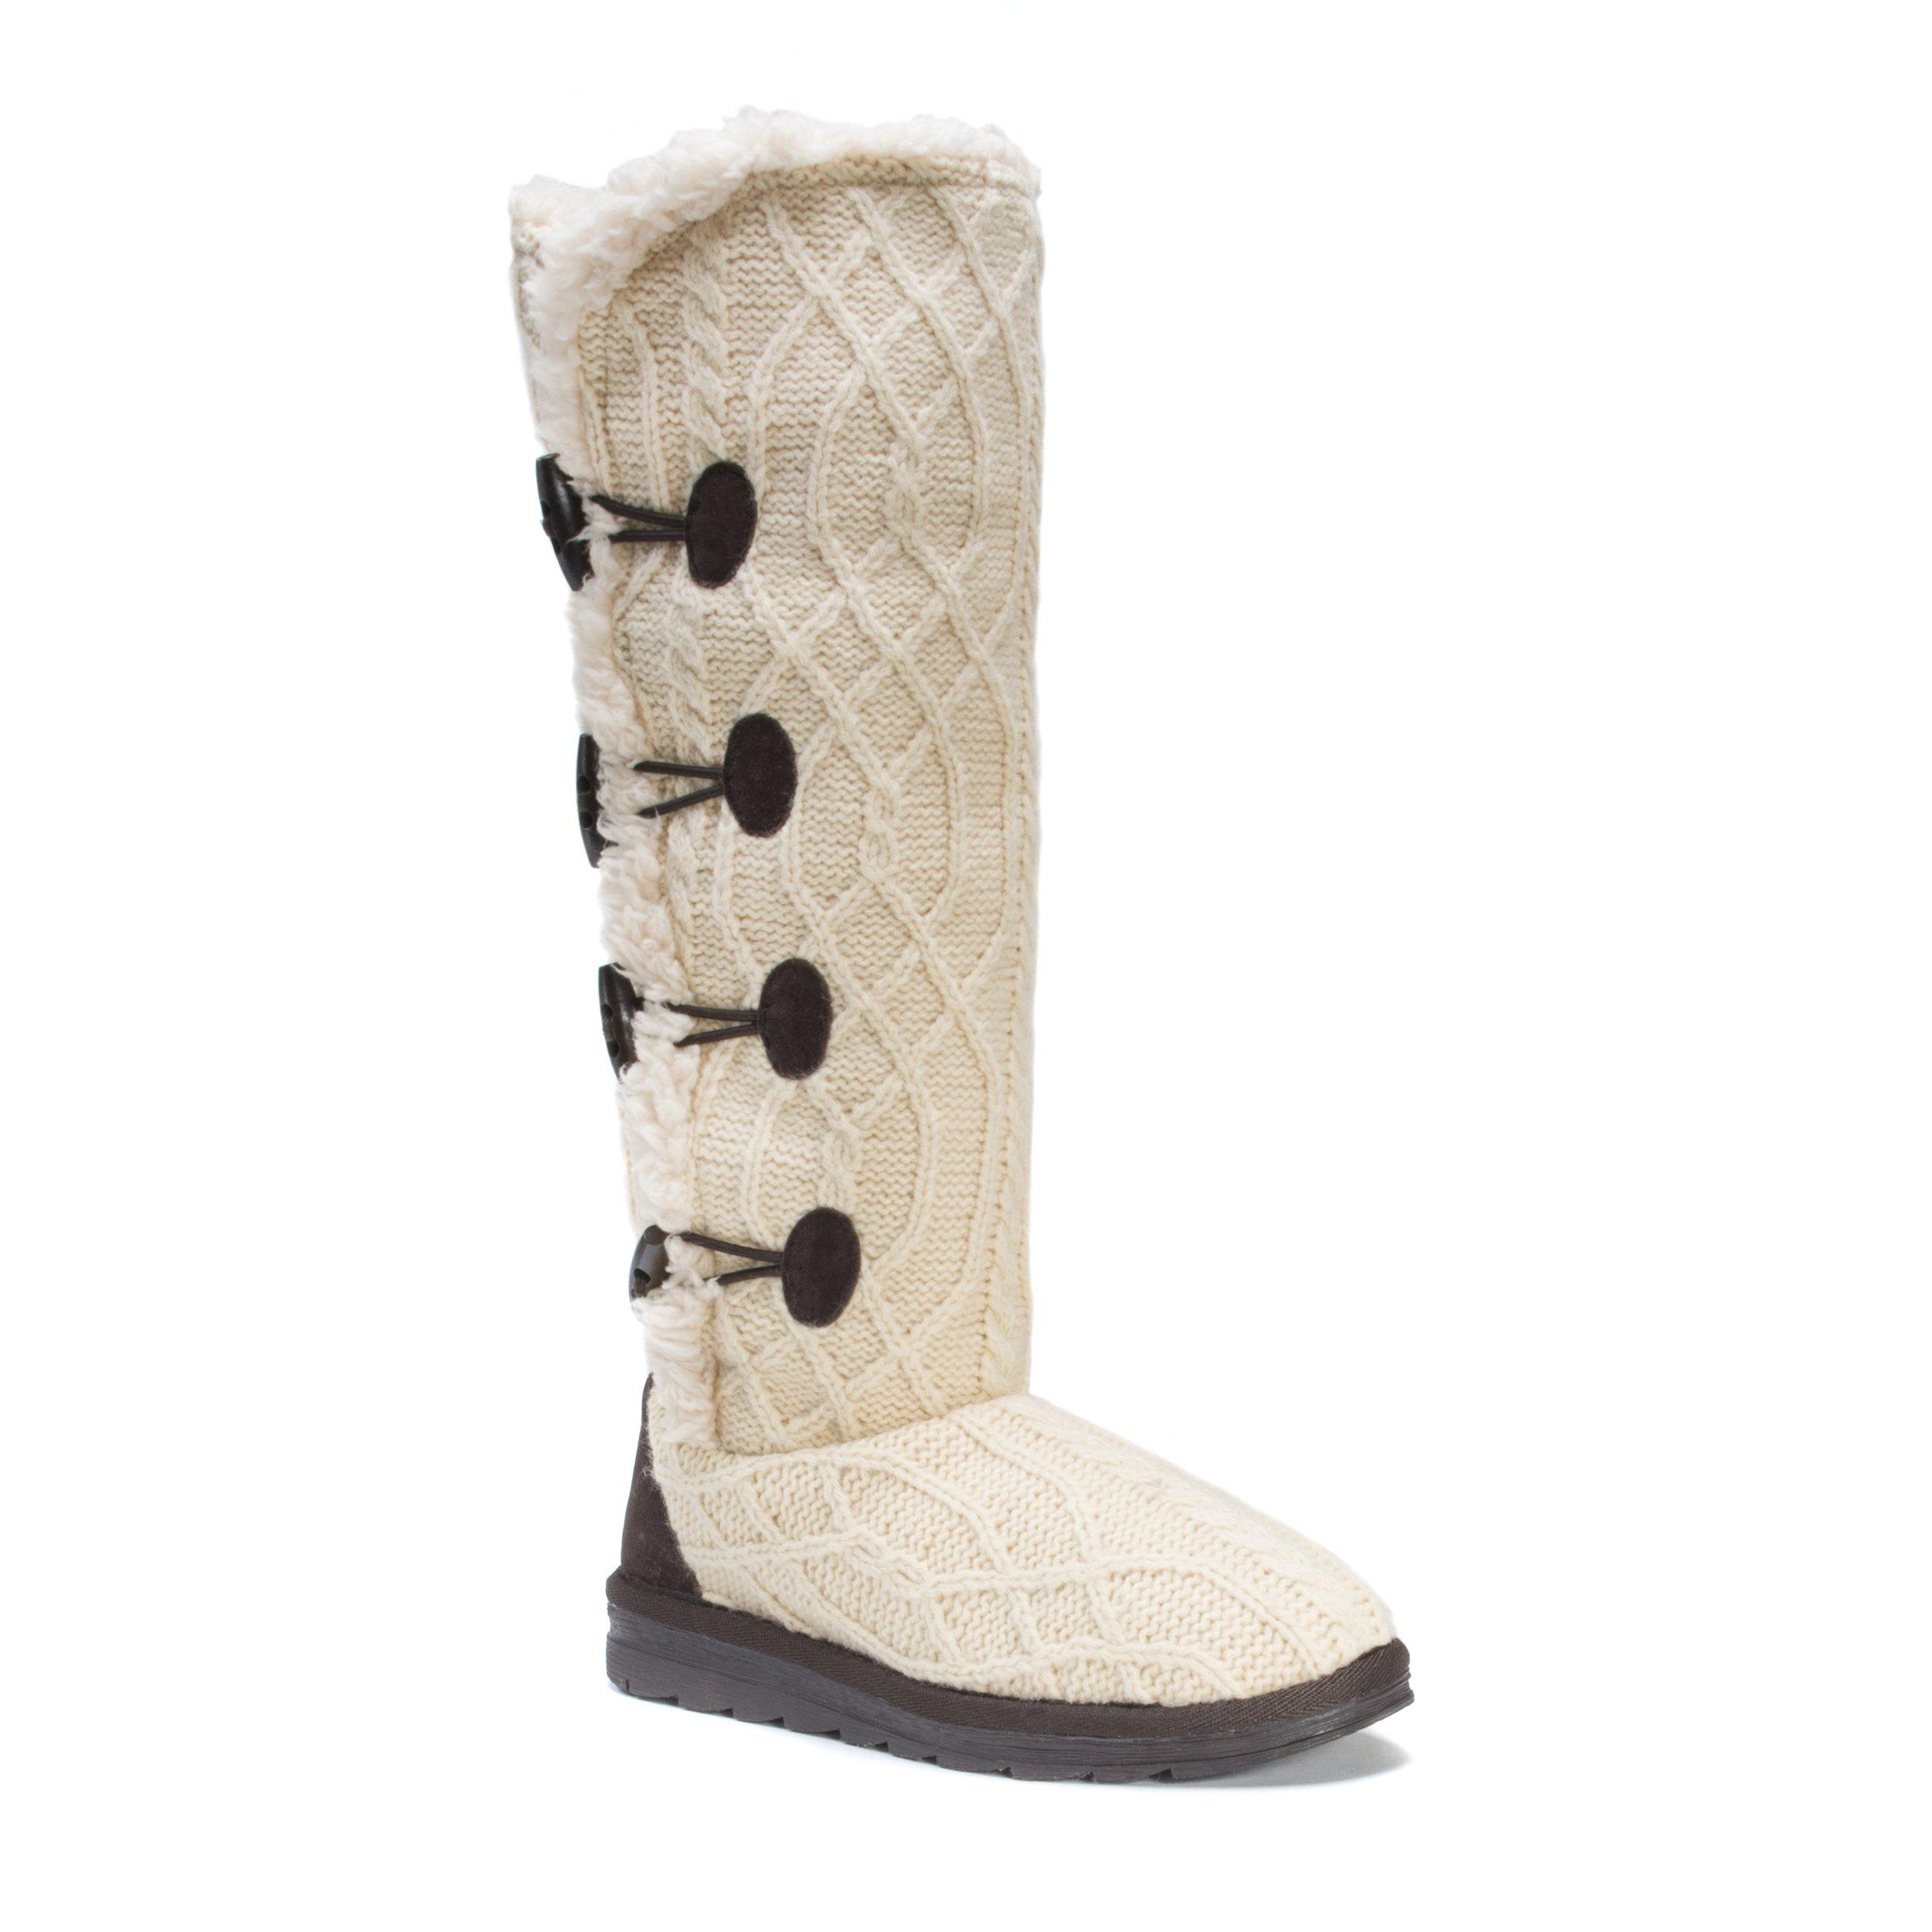 MUK LUKS Women's Felicity White Fashion Boot, Cream, 9 Medium US